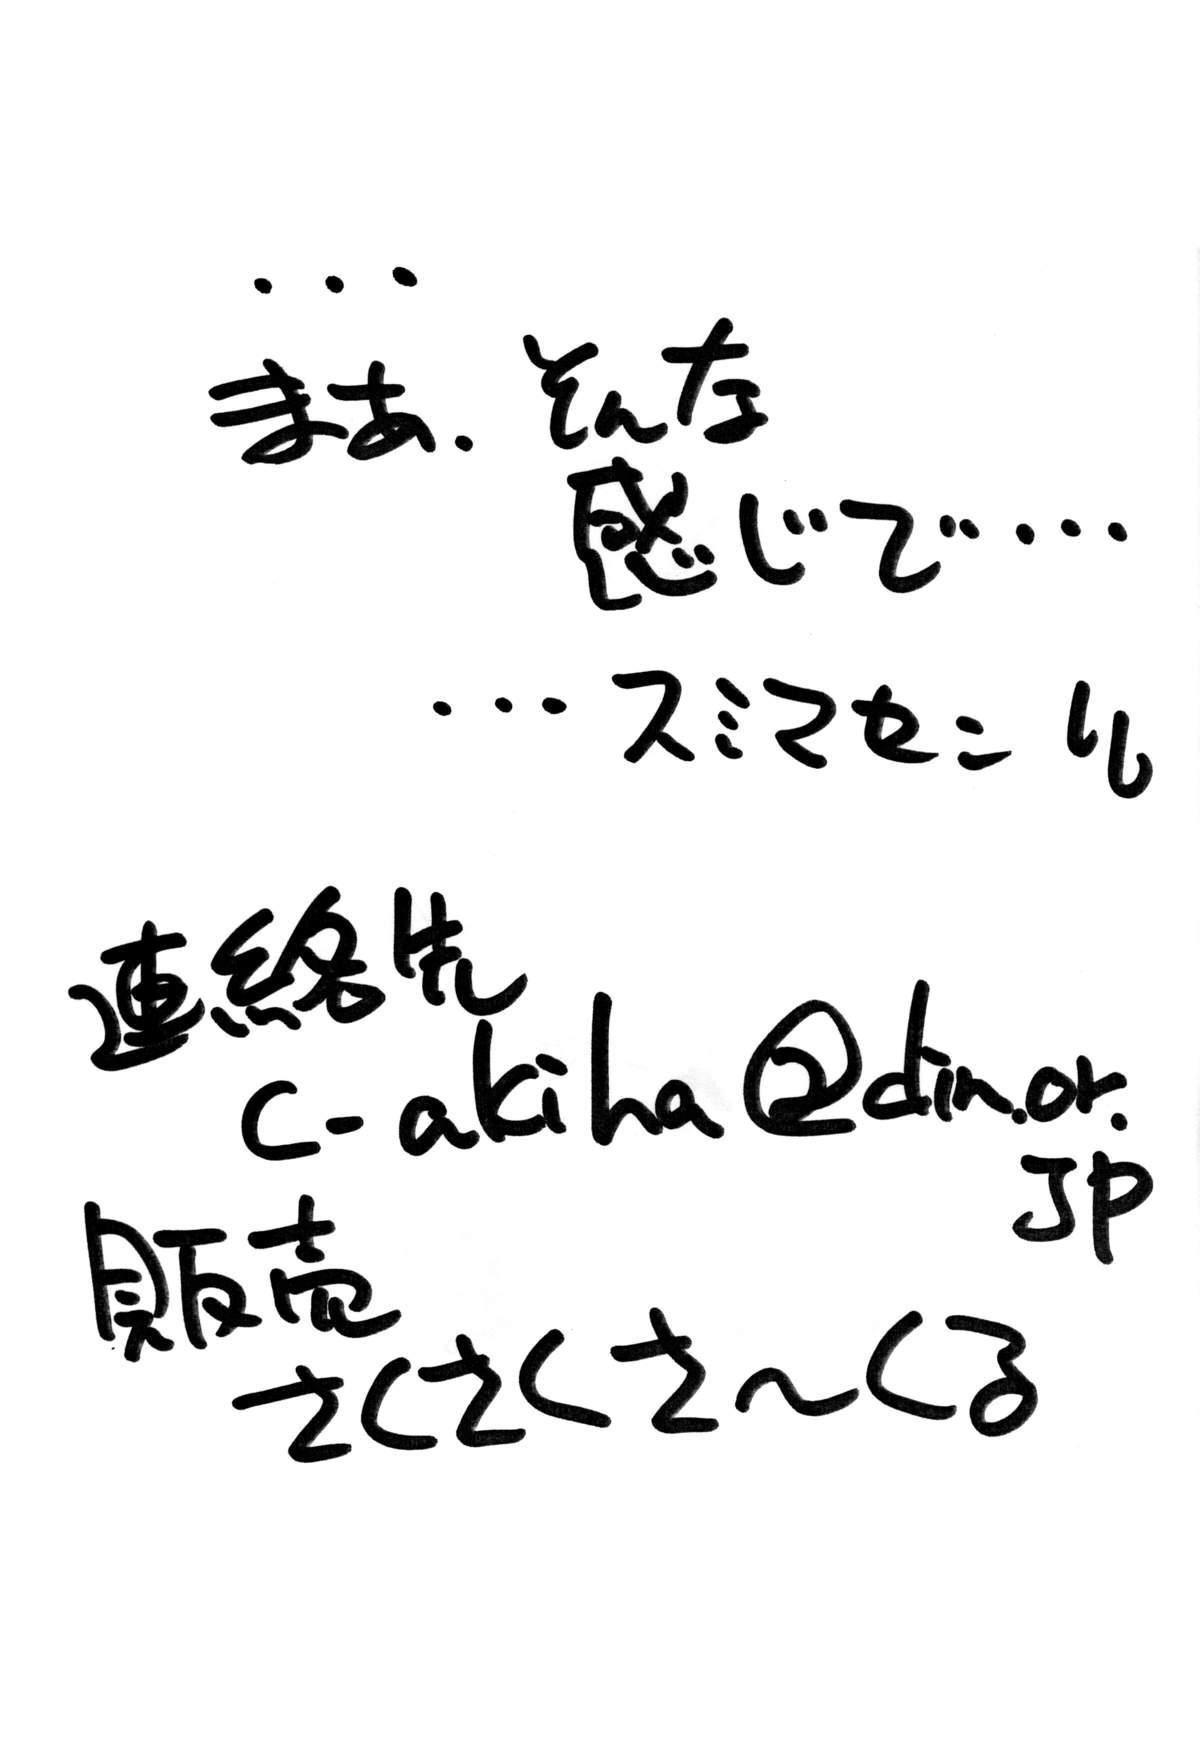 Anthology - Saku Saku Circle - Itsumo no 17